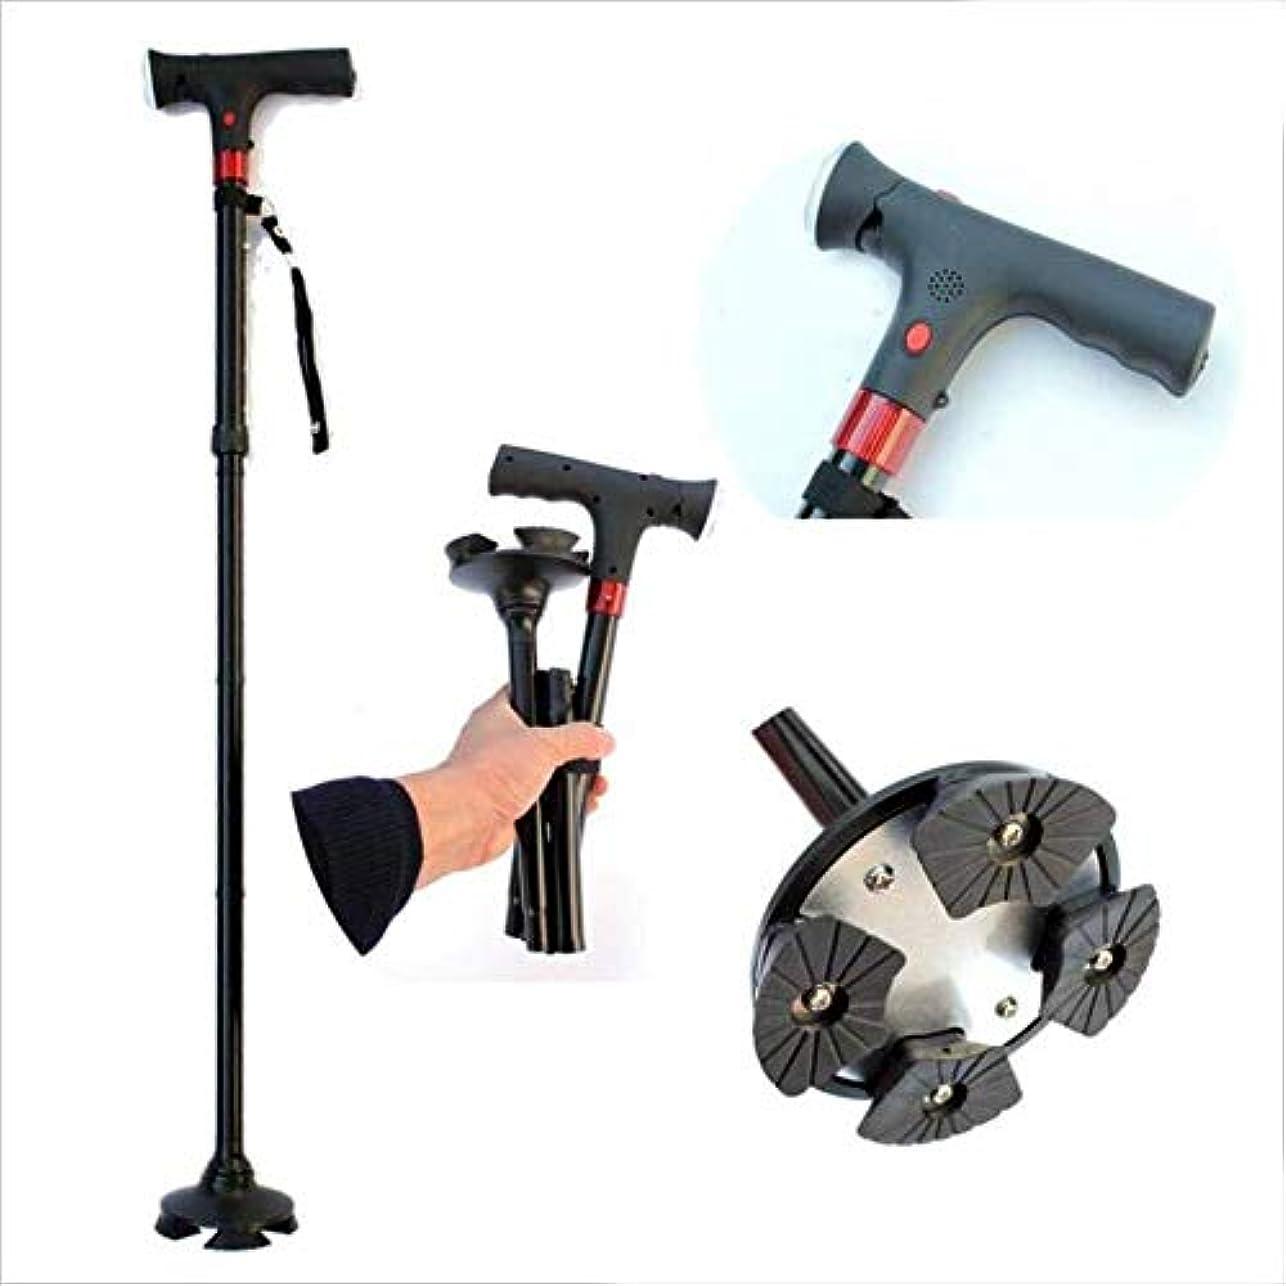 導体トレーダー許されるサイレンの杖の高さの調節可能な軽量の男女兼用の杖が付いている折る望遠鏡の棒LEDの照明